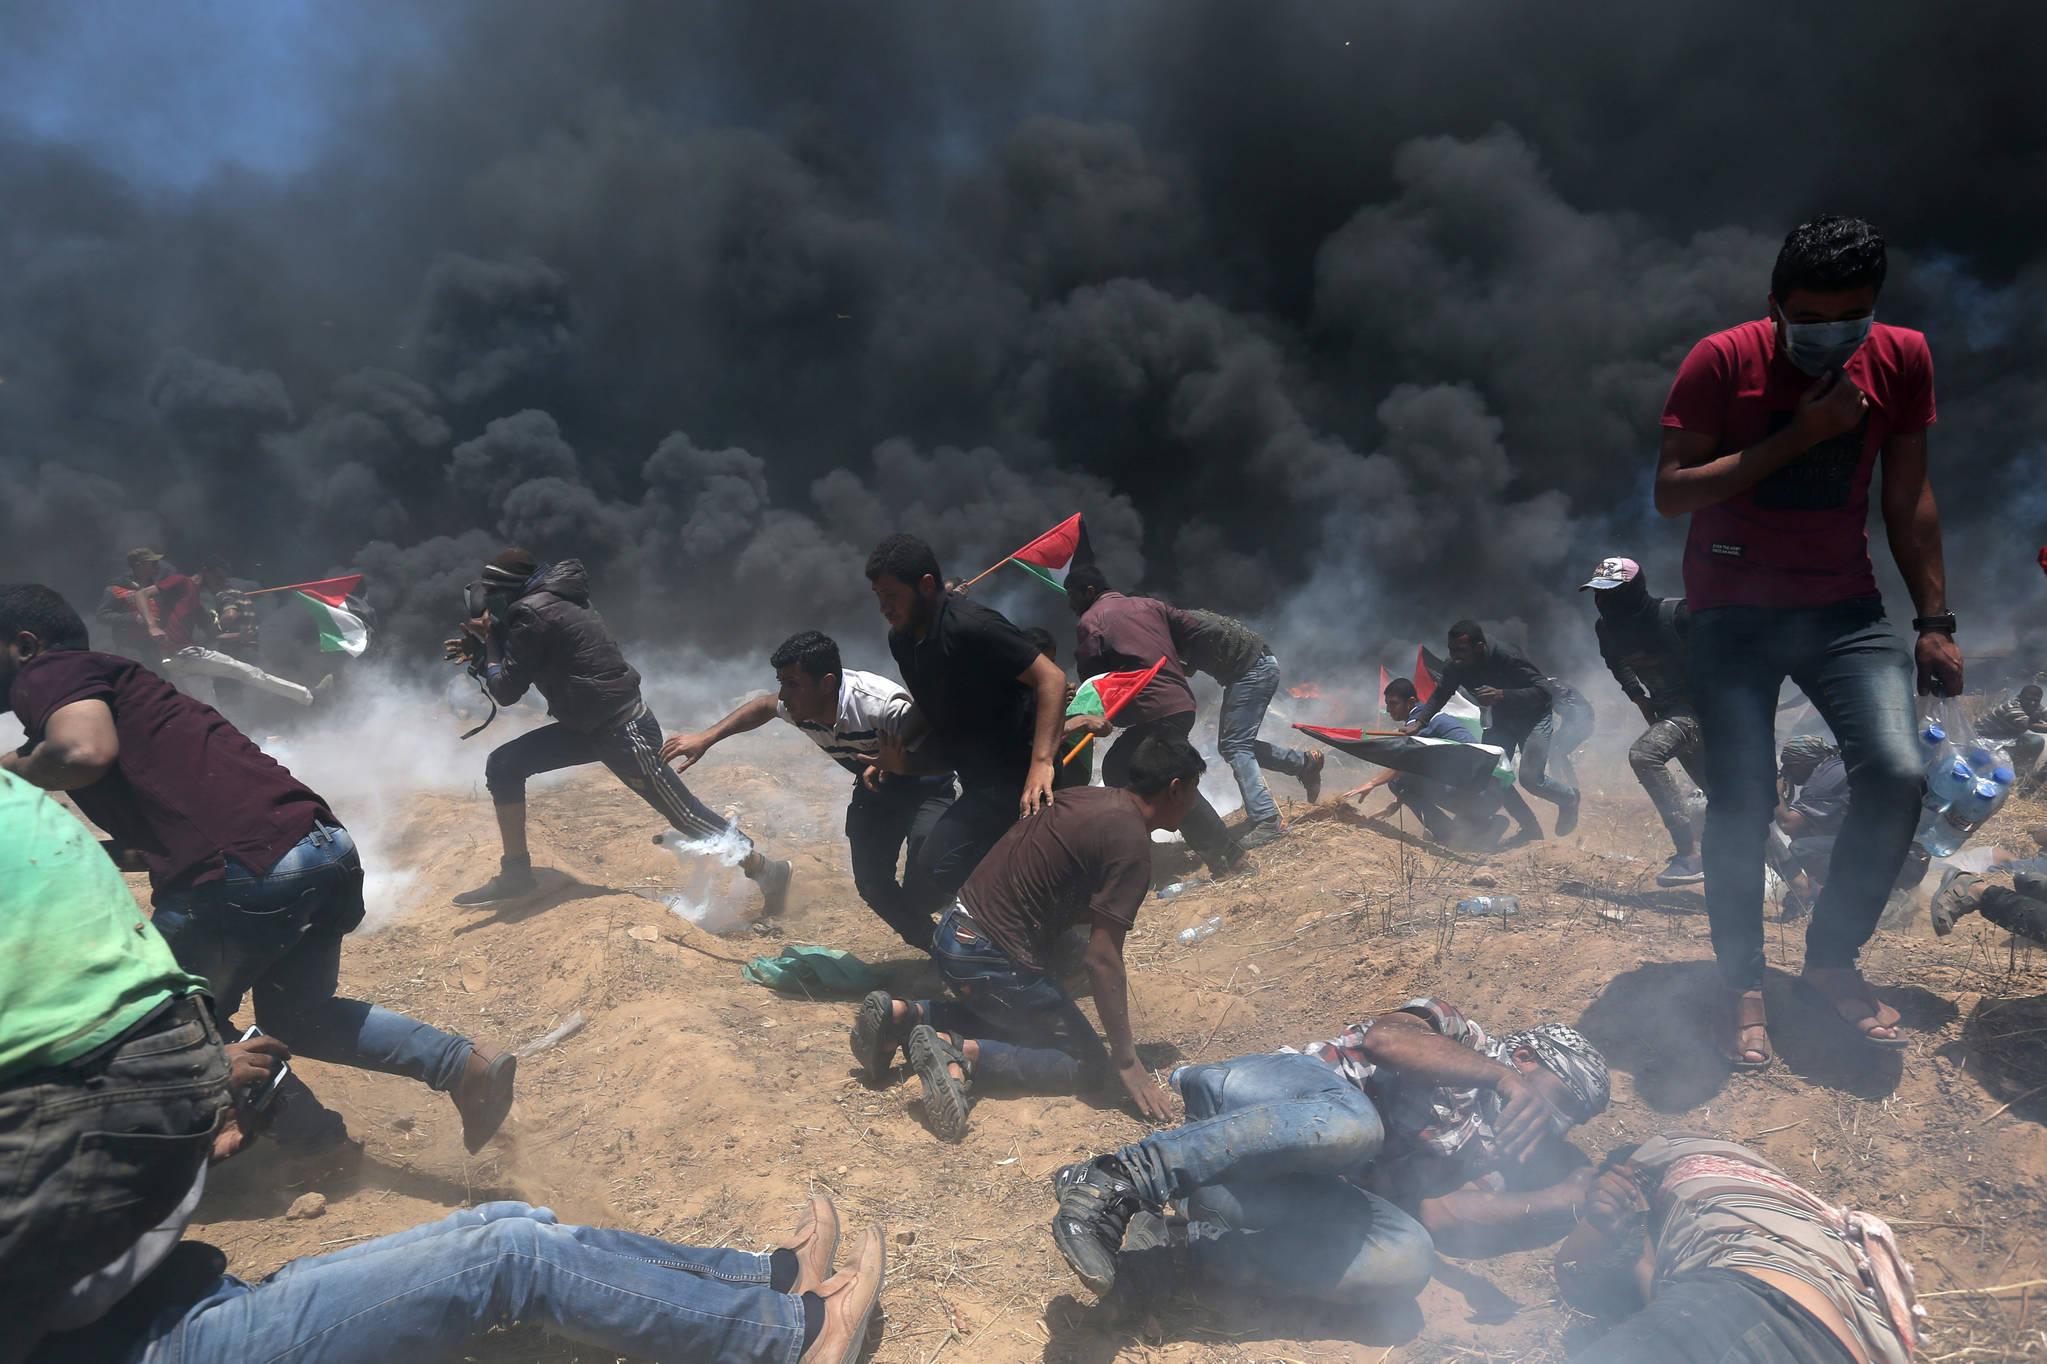 팔레스타인 시위대가 14일 가자지구에서 이스라엘 군이 최루탄을 발사하자 도망치고 있다. [로이터=연합뉴스]